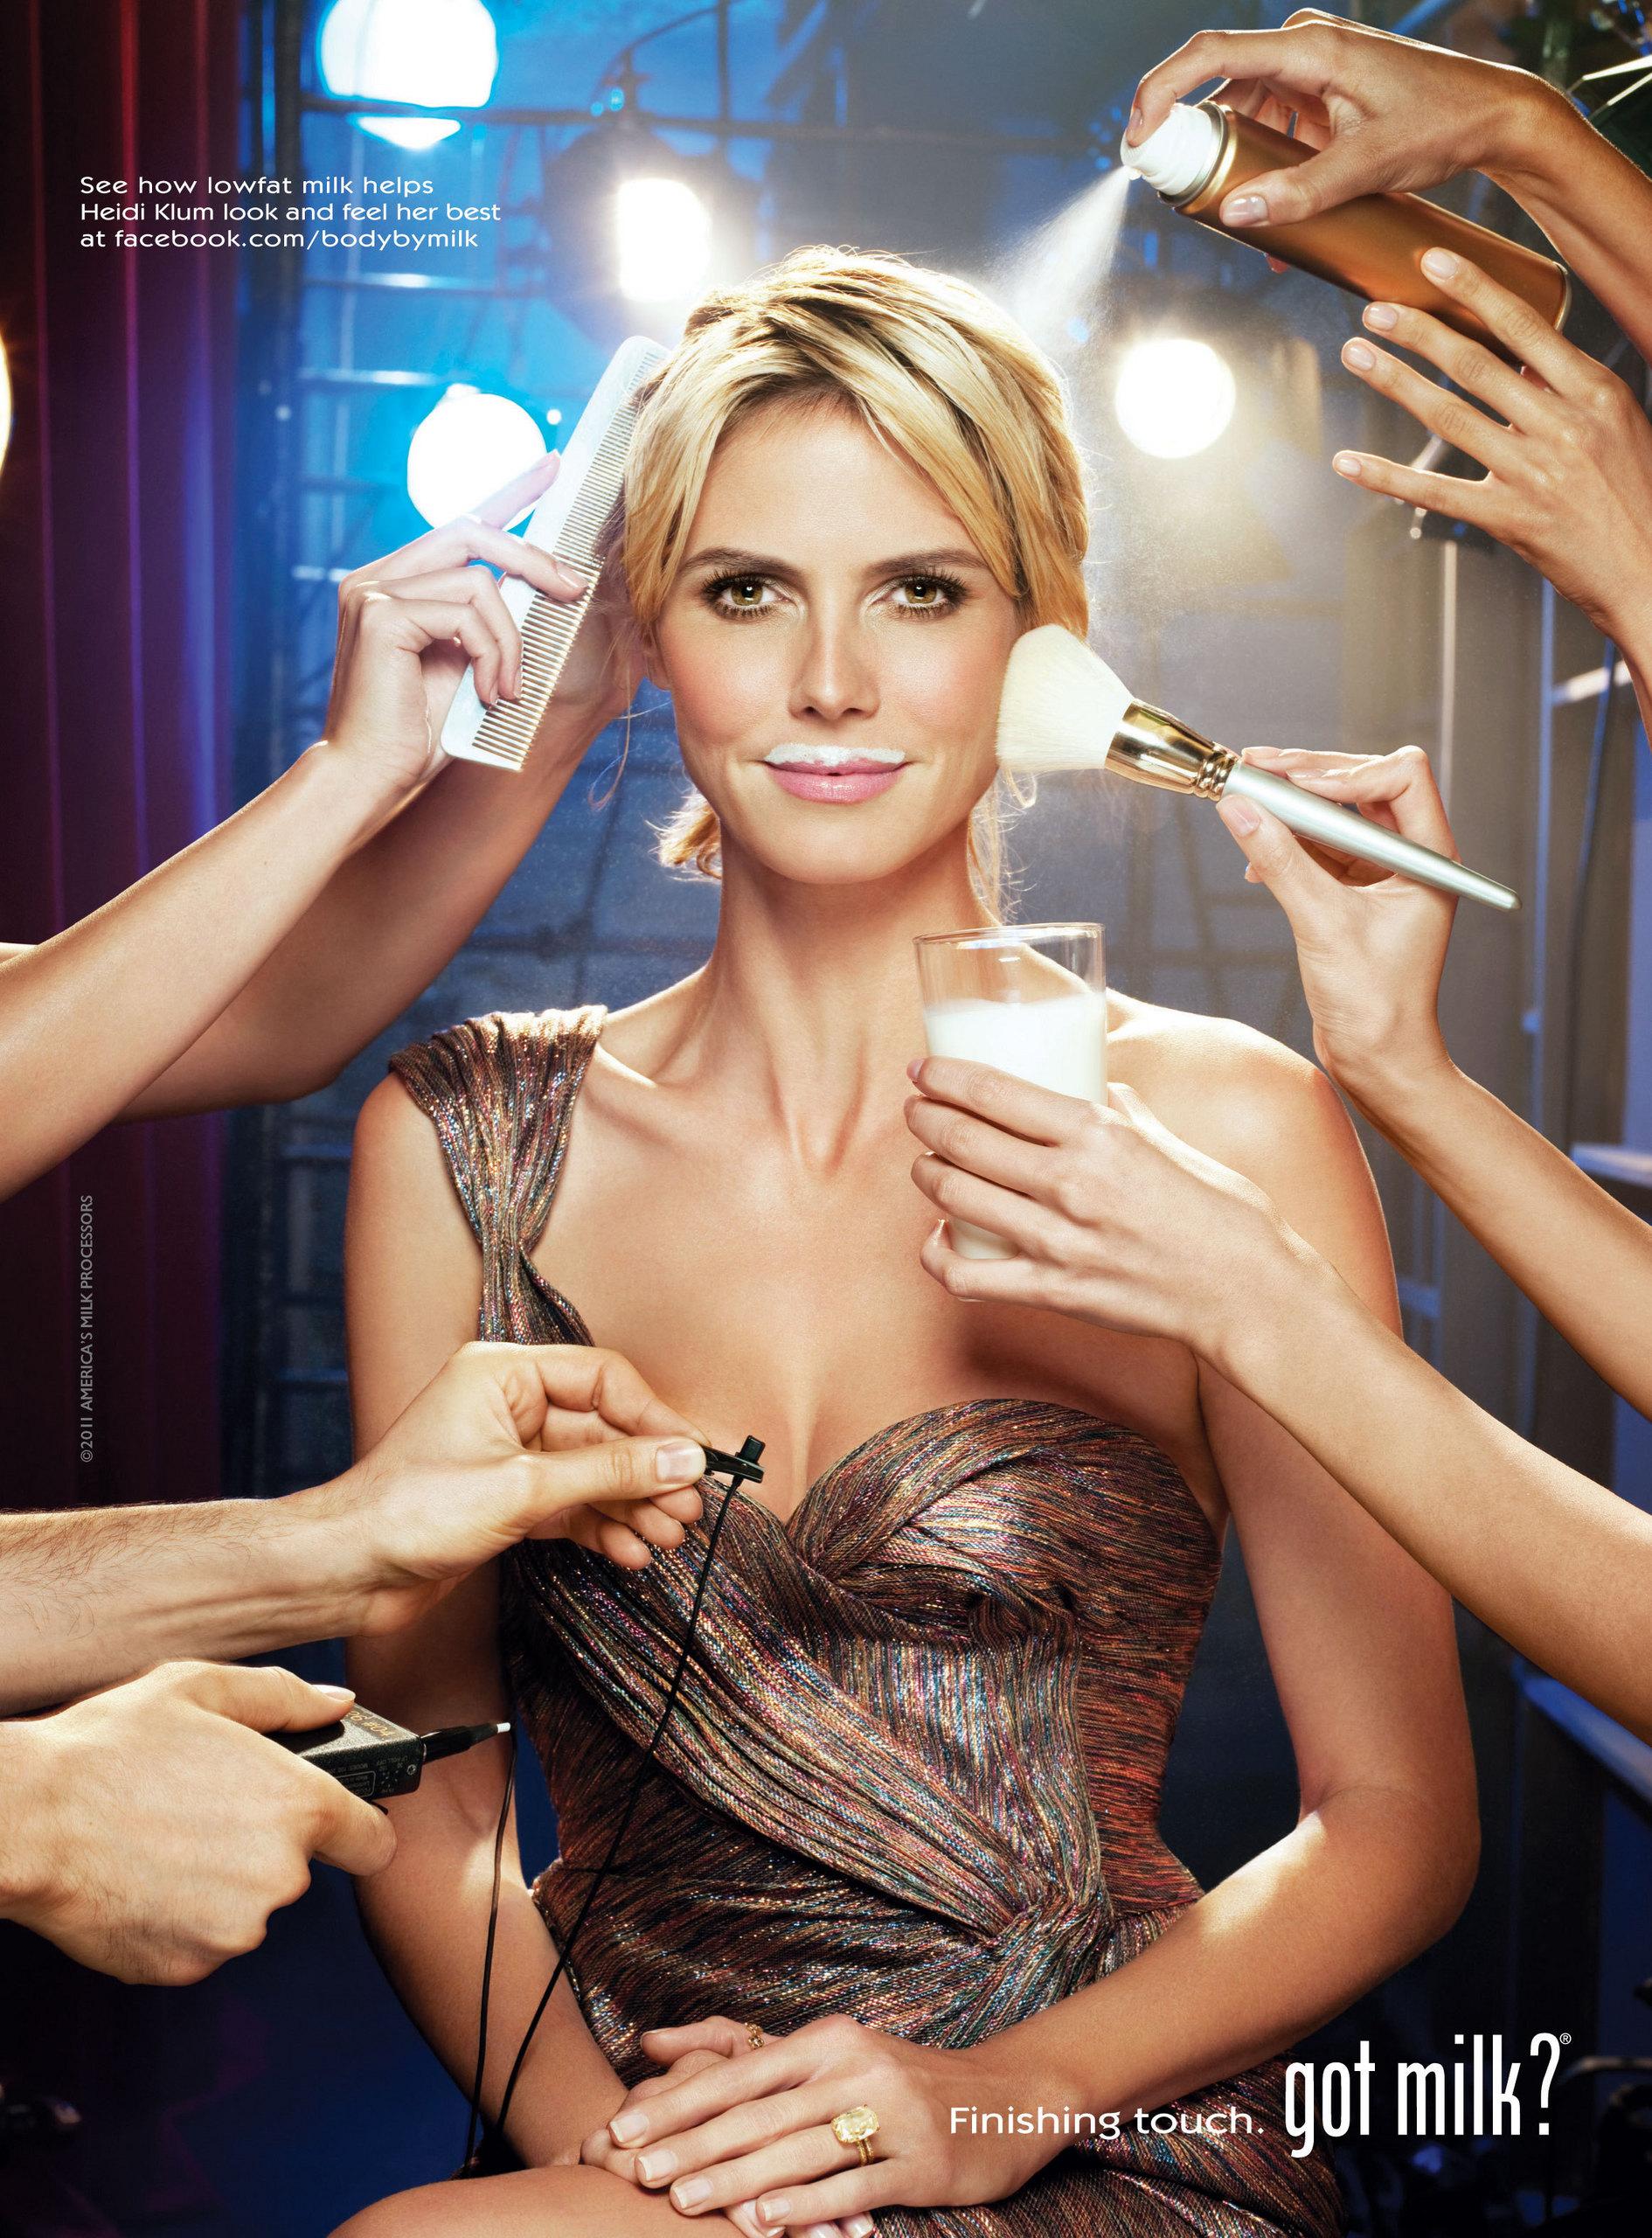 Heidi Klum Got Milk ad